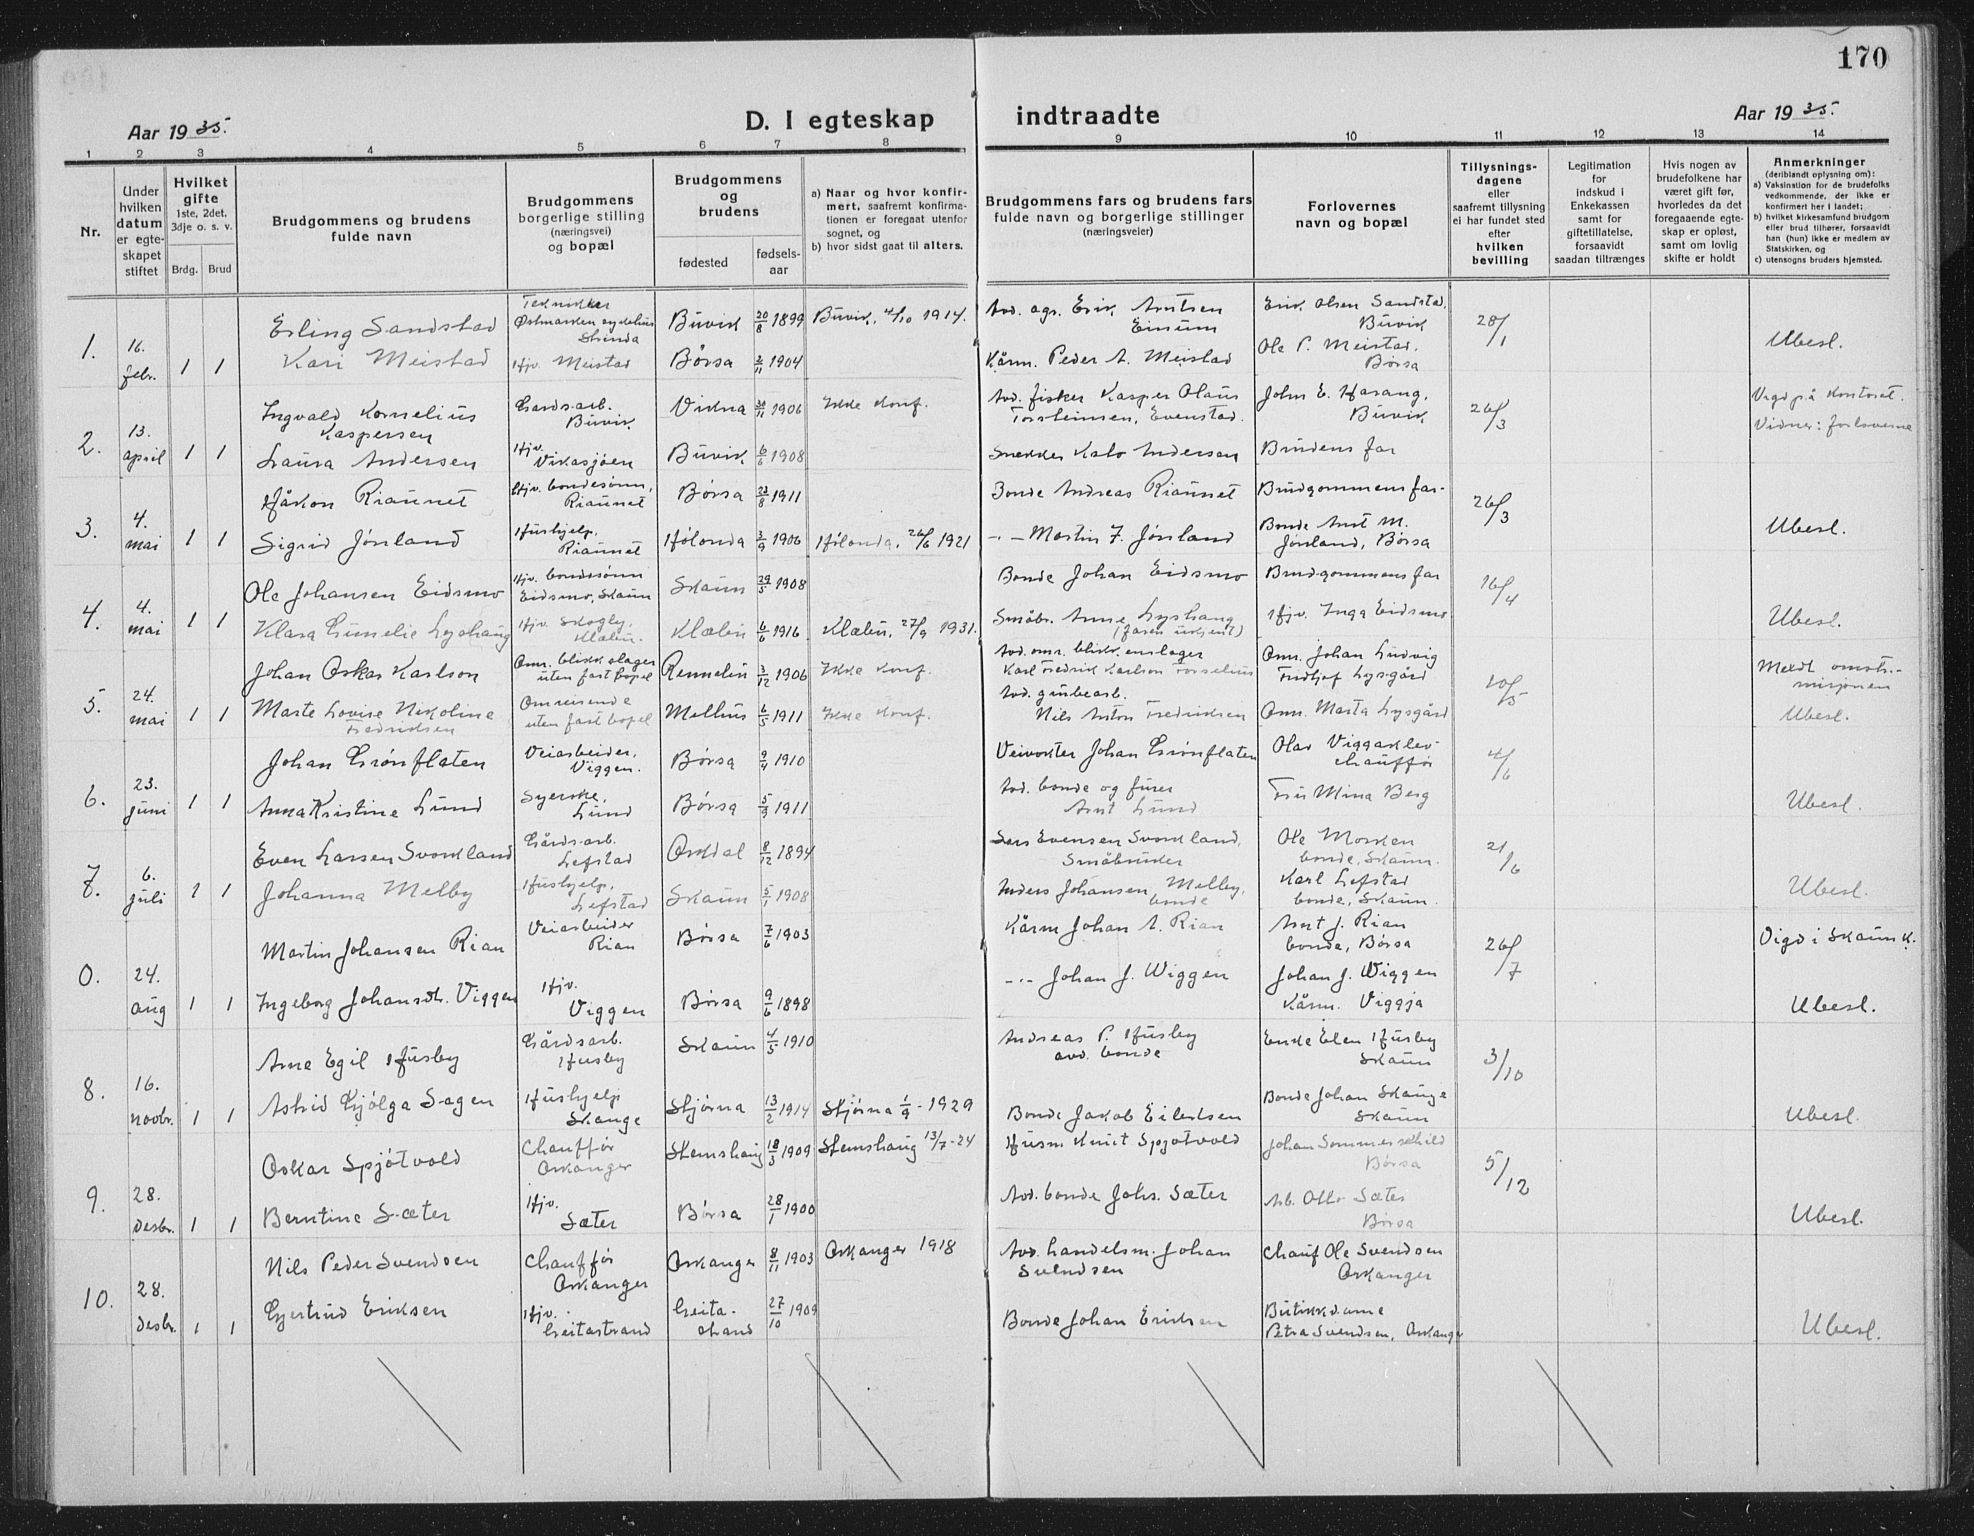 SAT, Ministerialprotokoller, klokkerbøker og fødselsregistre - Sør-Trøndelag, 665/L0778: Klokkerbok nr. 665C03, 1916-1938, s. 170